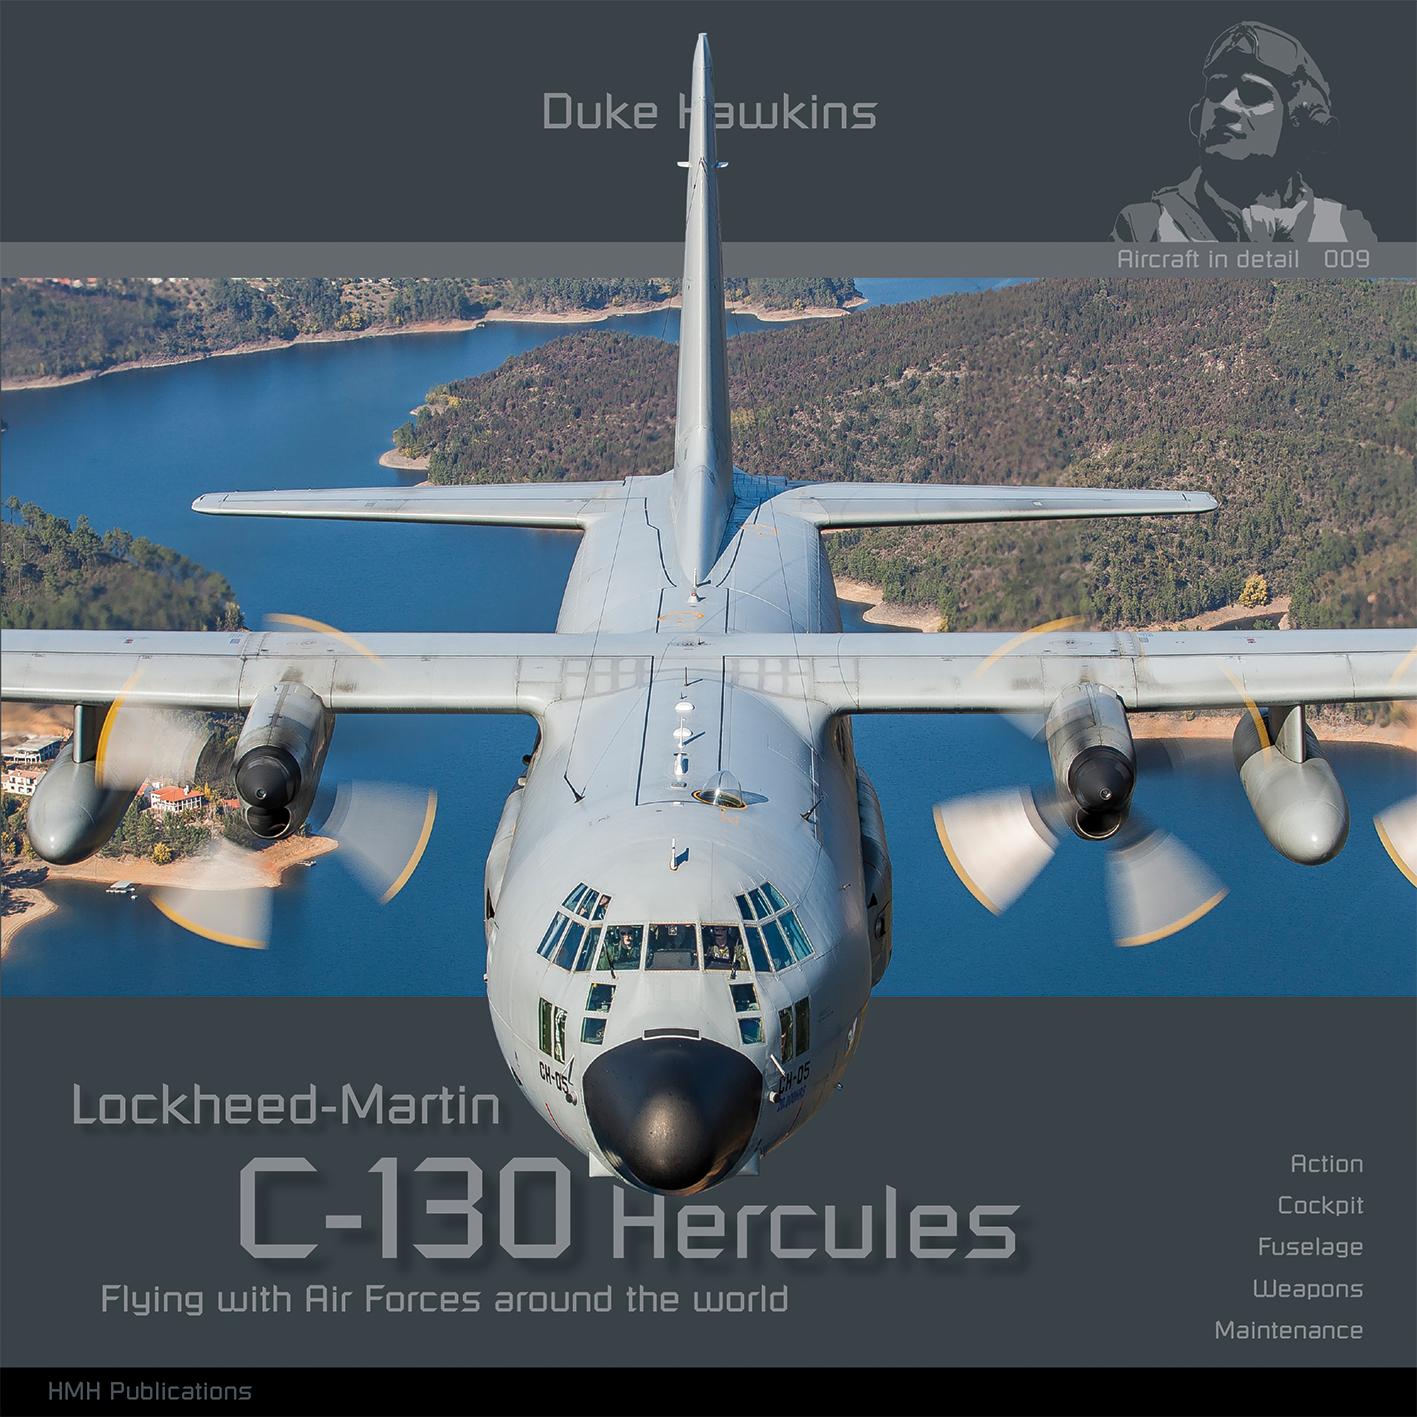 DH009+-+C-130-001.jpg